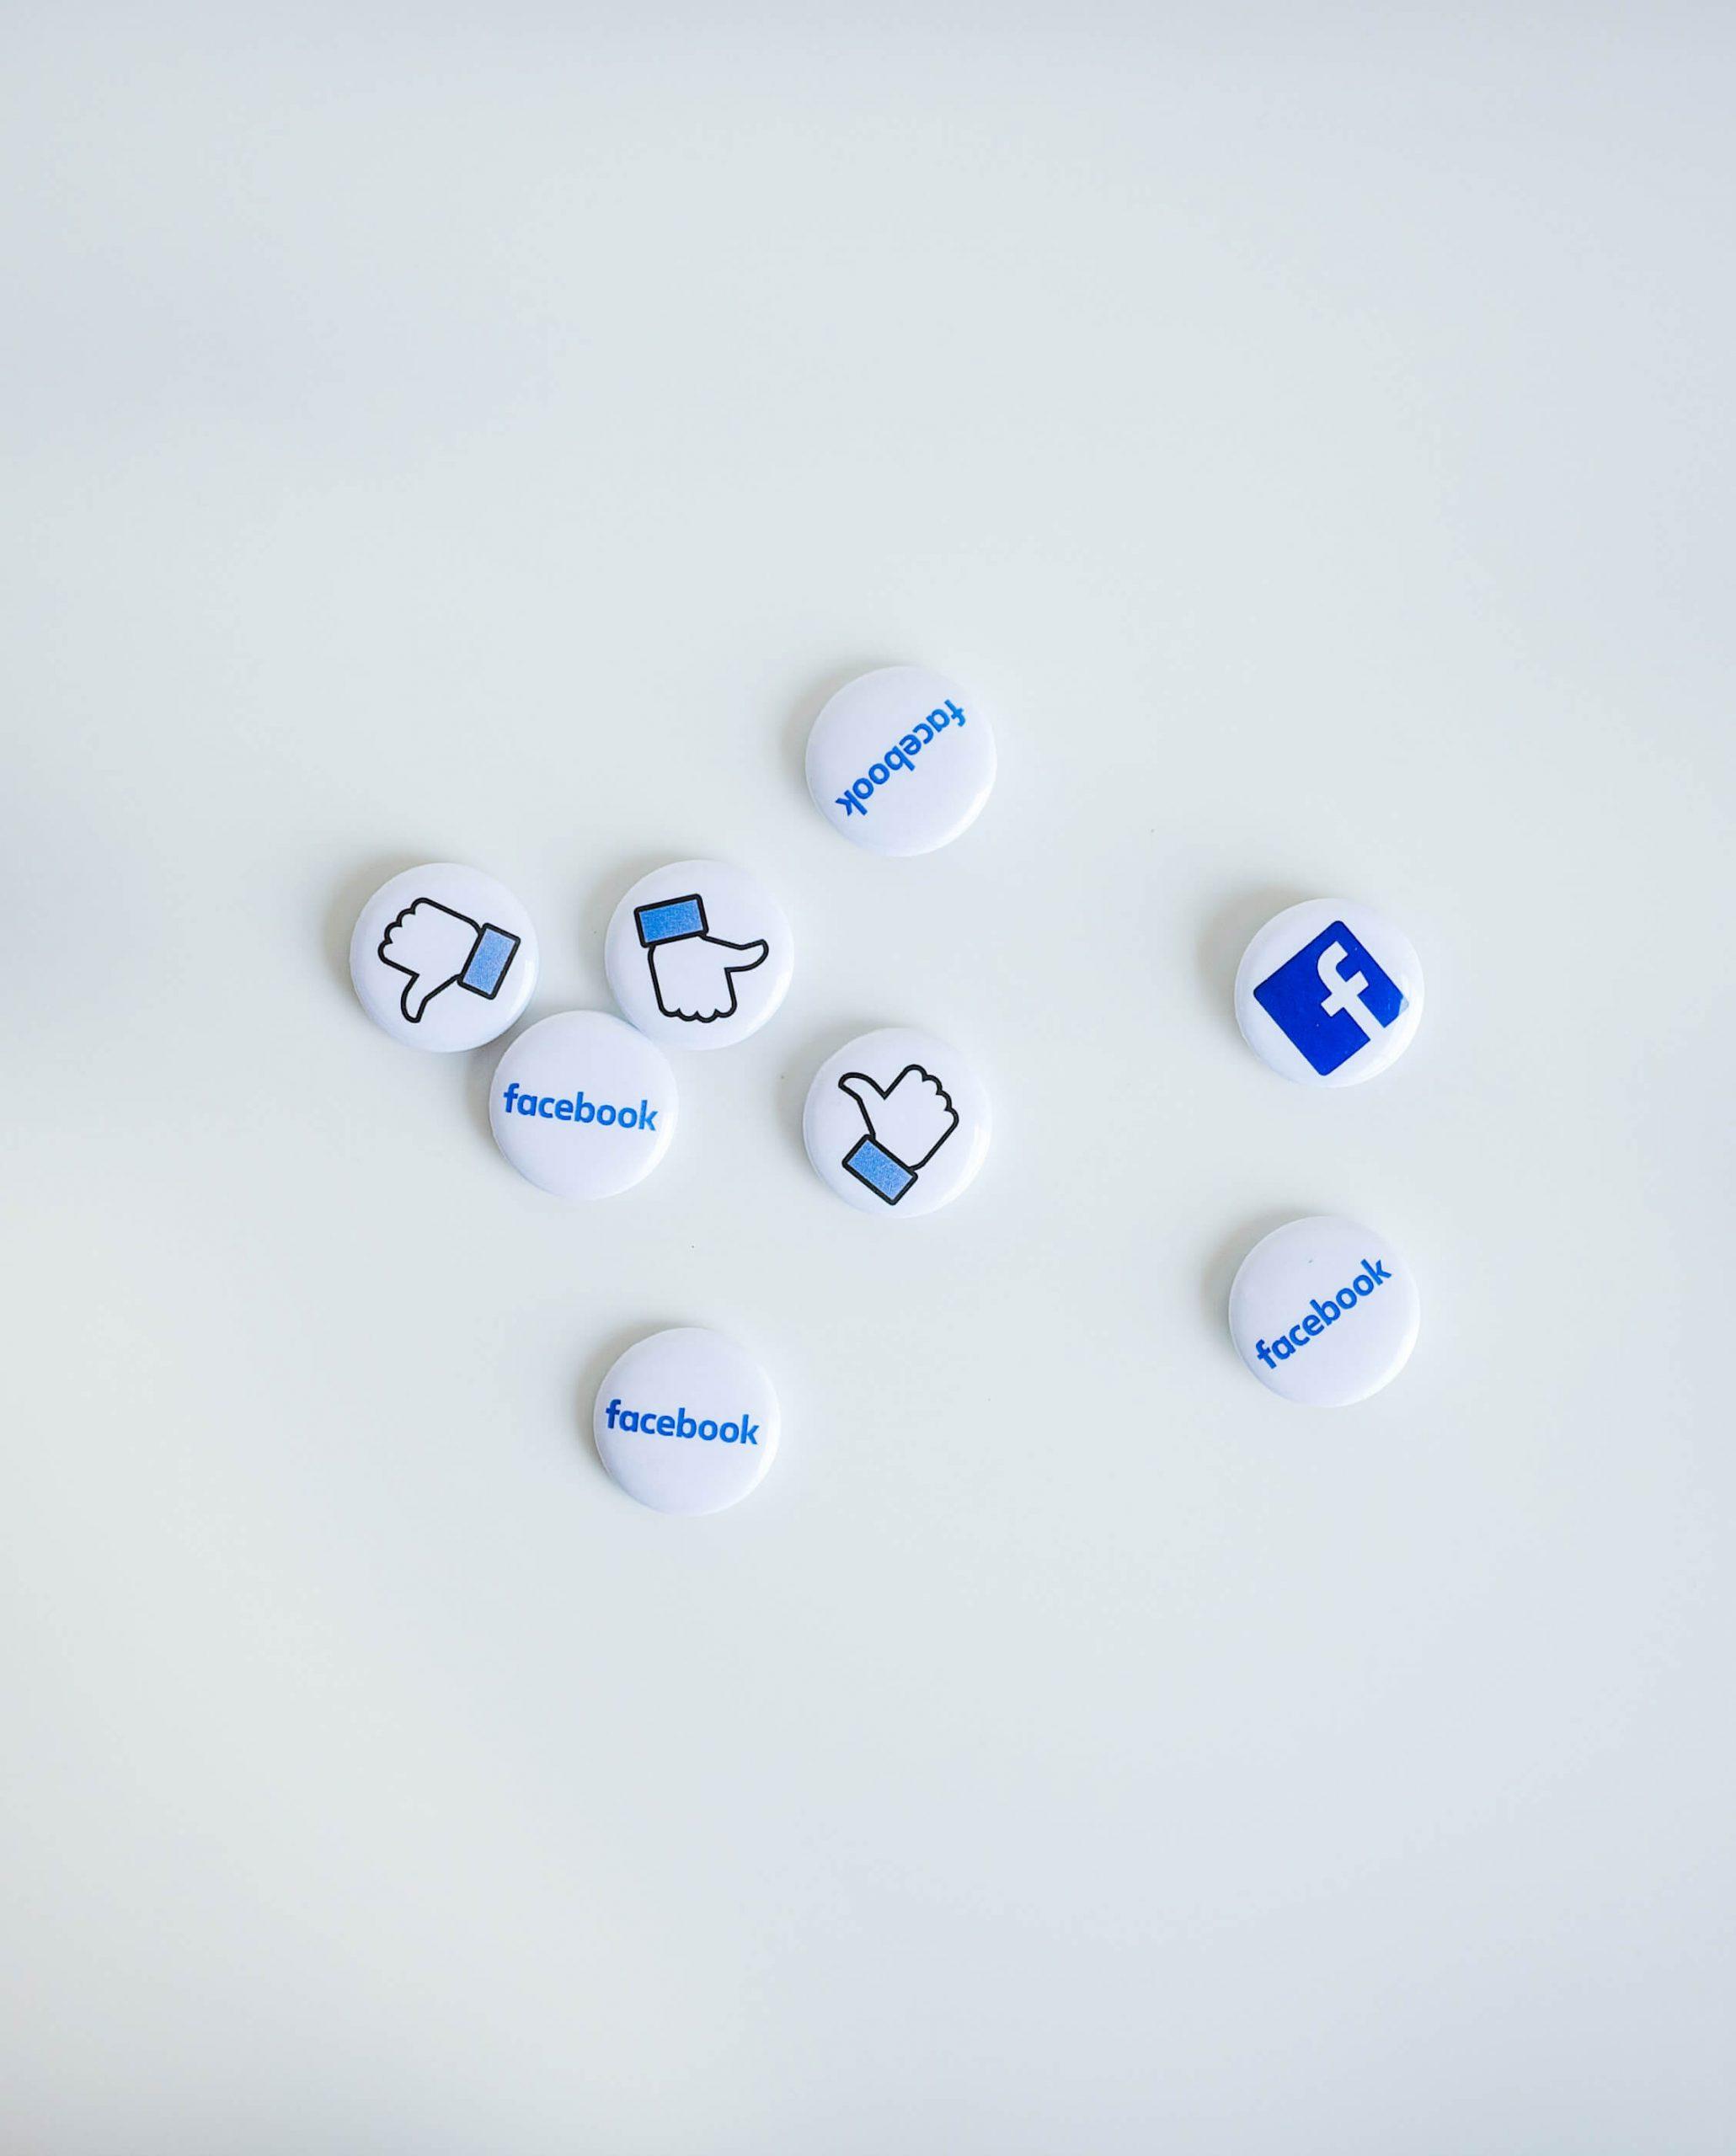 איך לקדם קבוצת פייסבוק